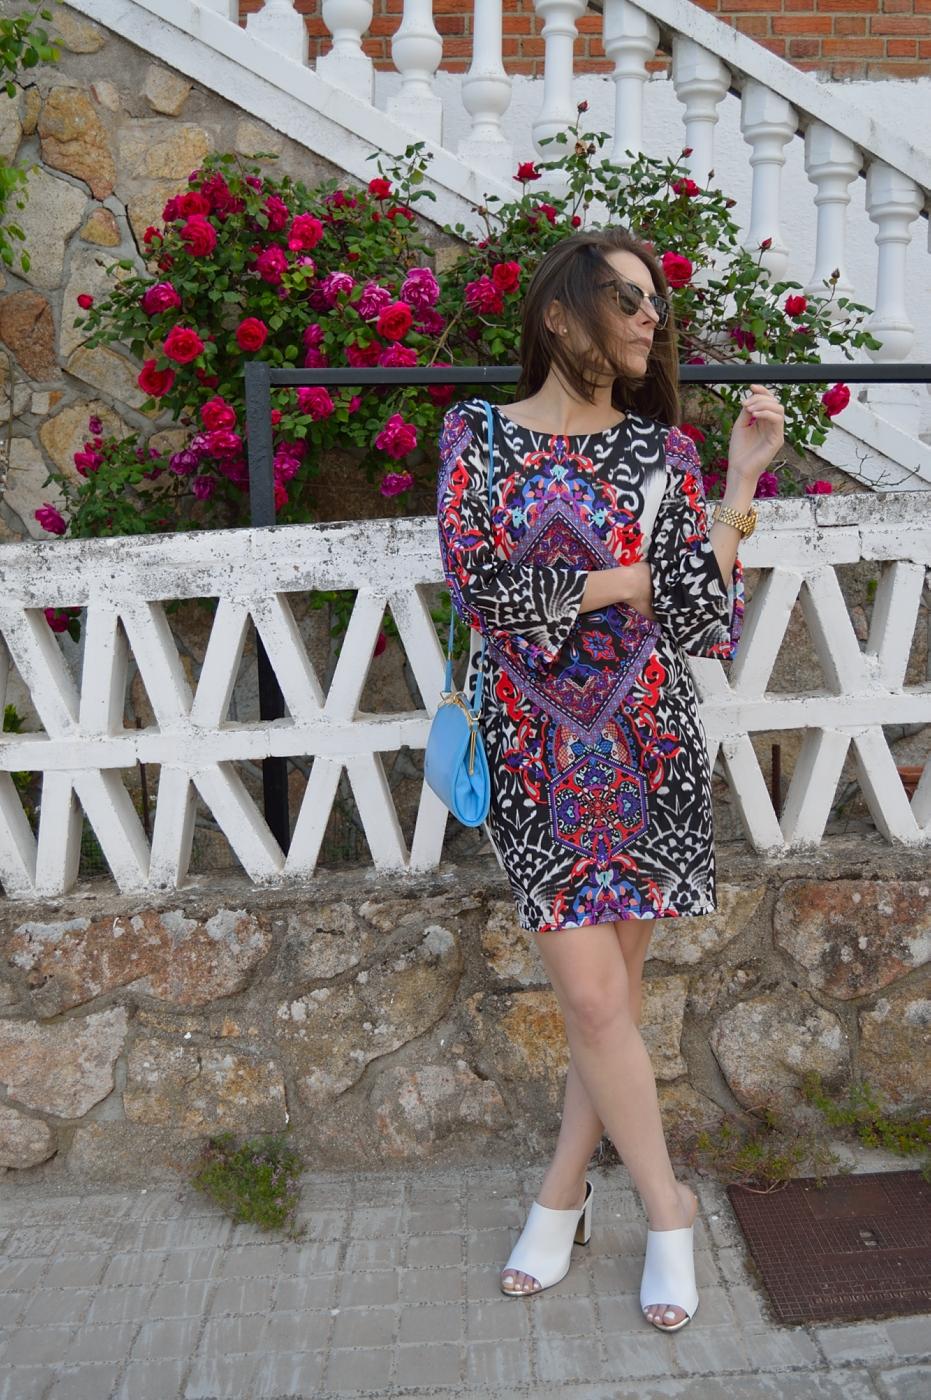 lara-vazquez-madlula-style-look-fashion-blog-dress-chic